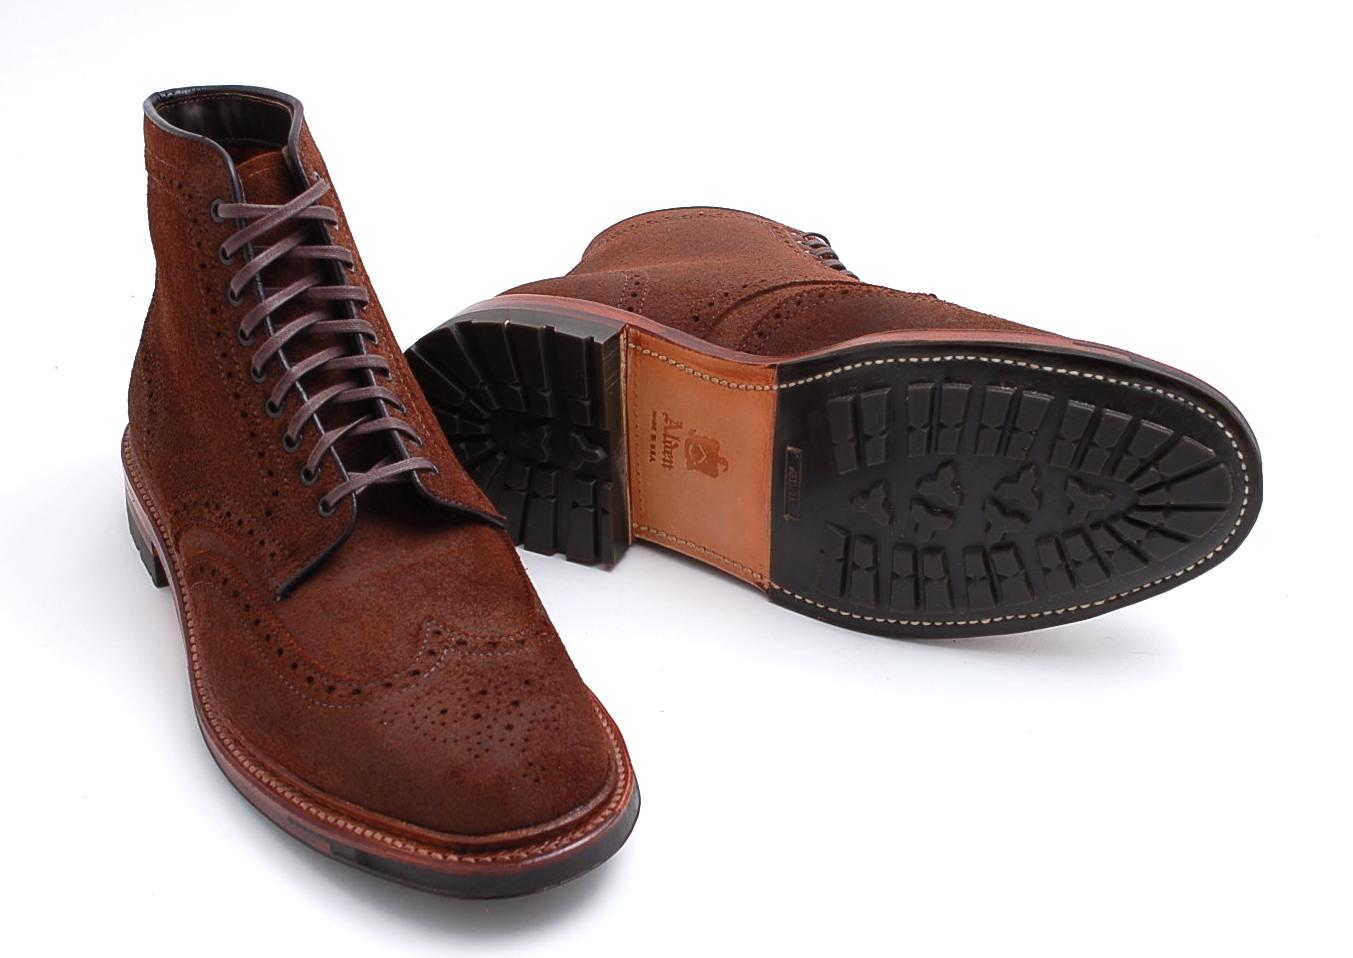 da,da thật,leather,giày nam,chamois,nubucks